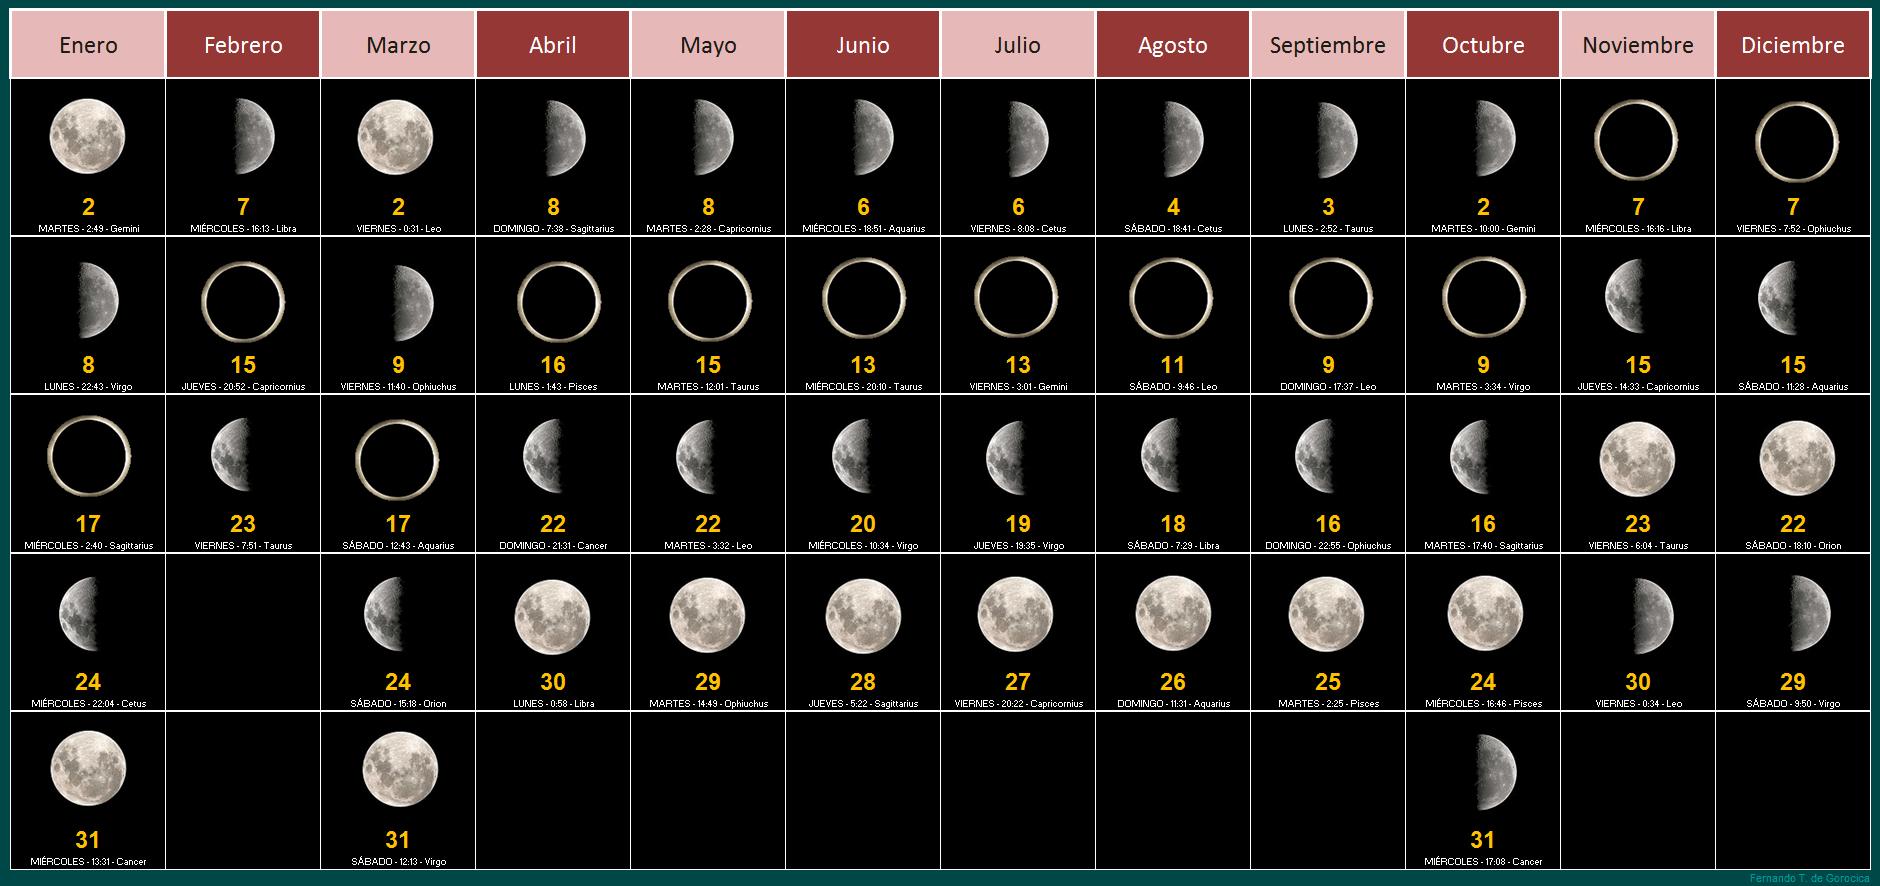 Imagen calendario lunar 2018